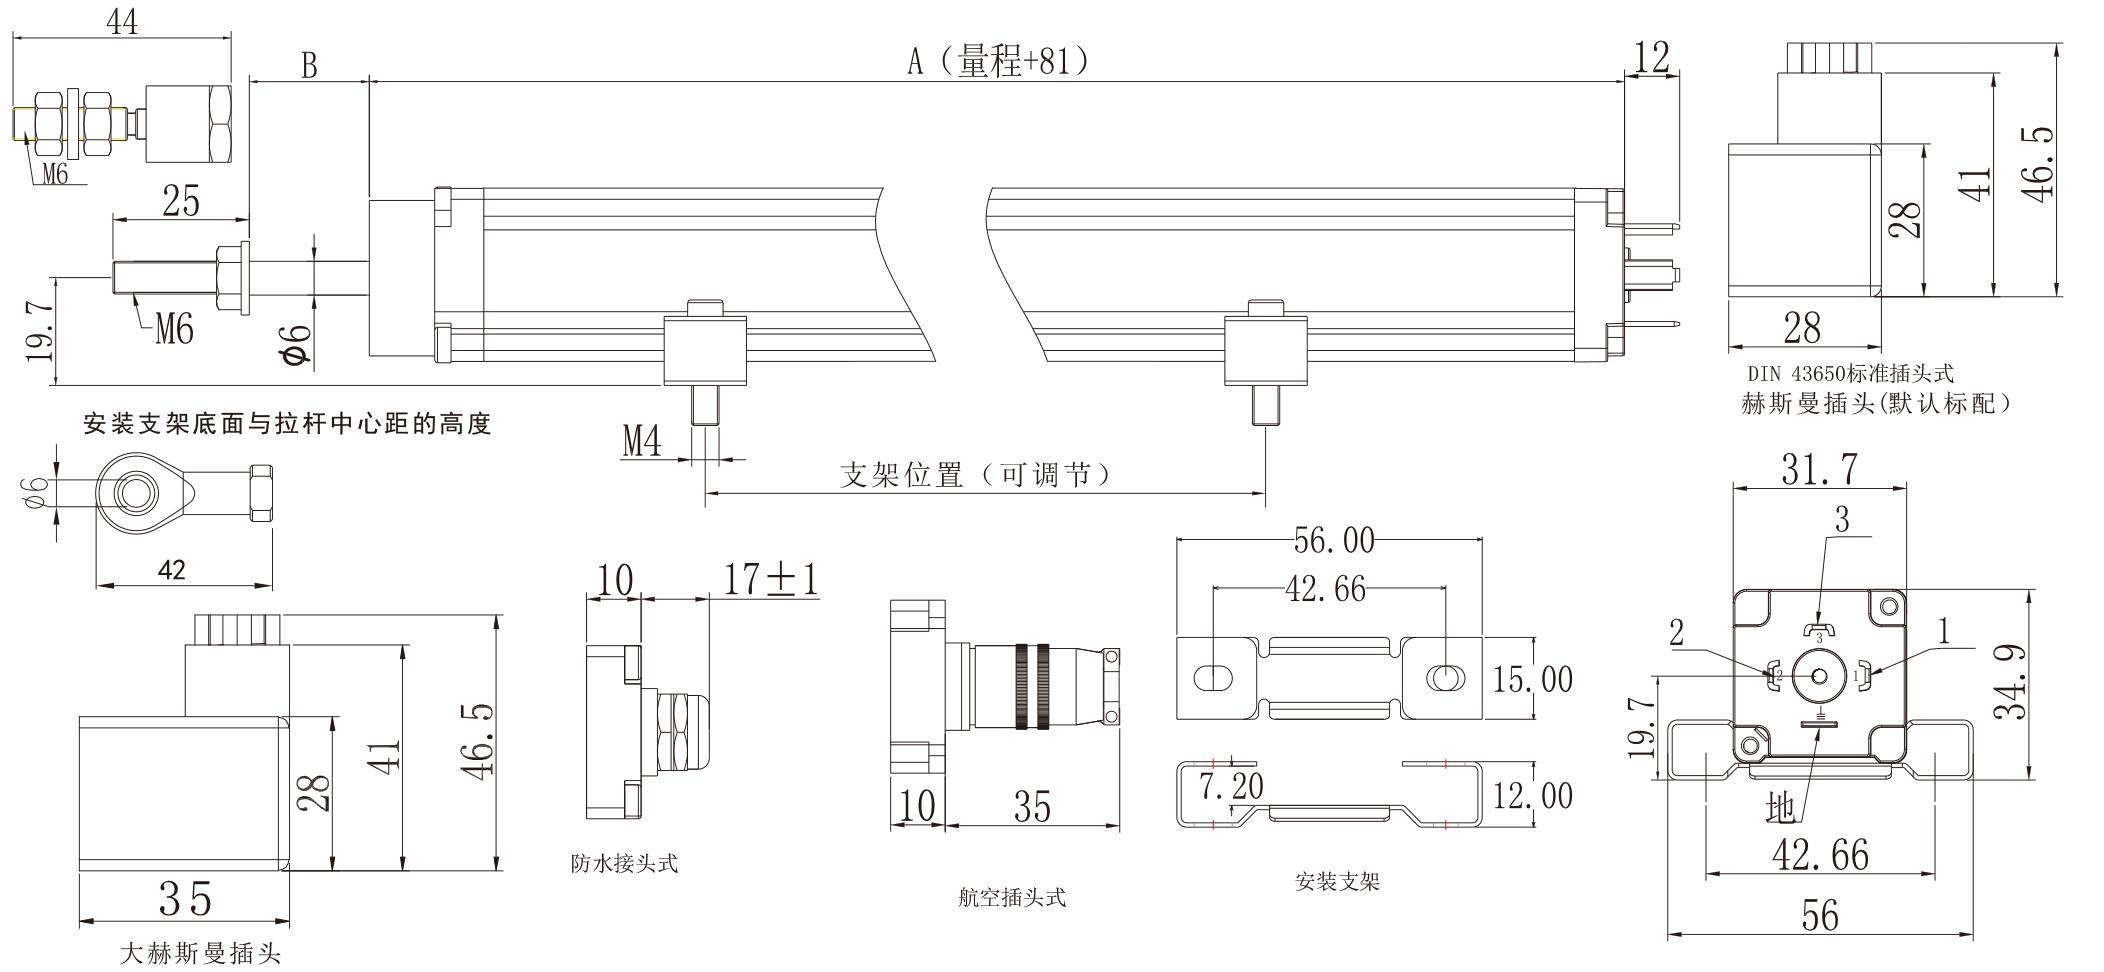 定位传感器时要保证在水平状态下再进行锁固; · 牵引支架螺丝孔